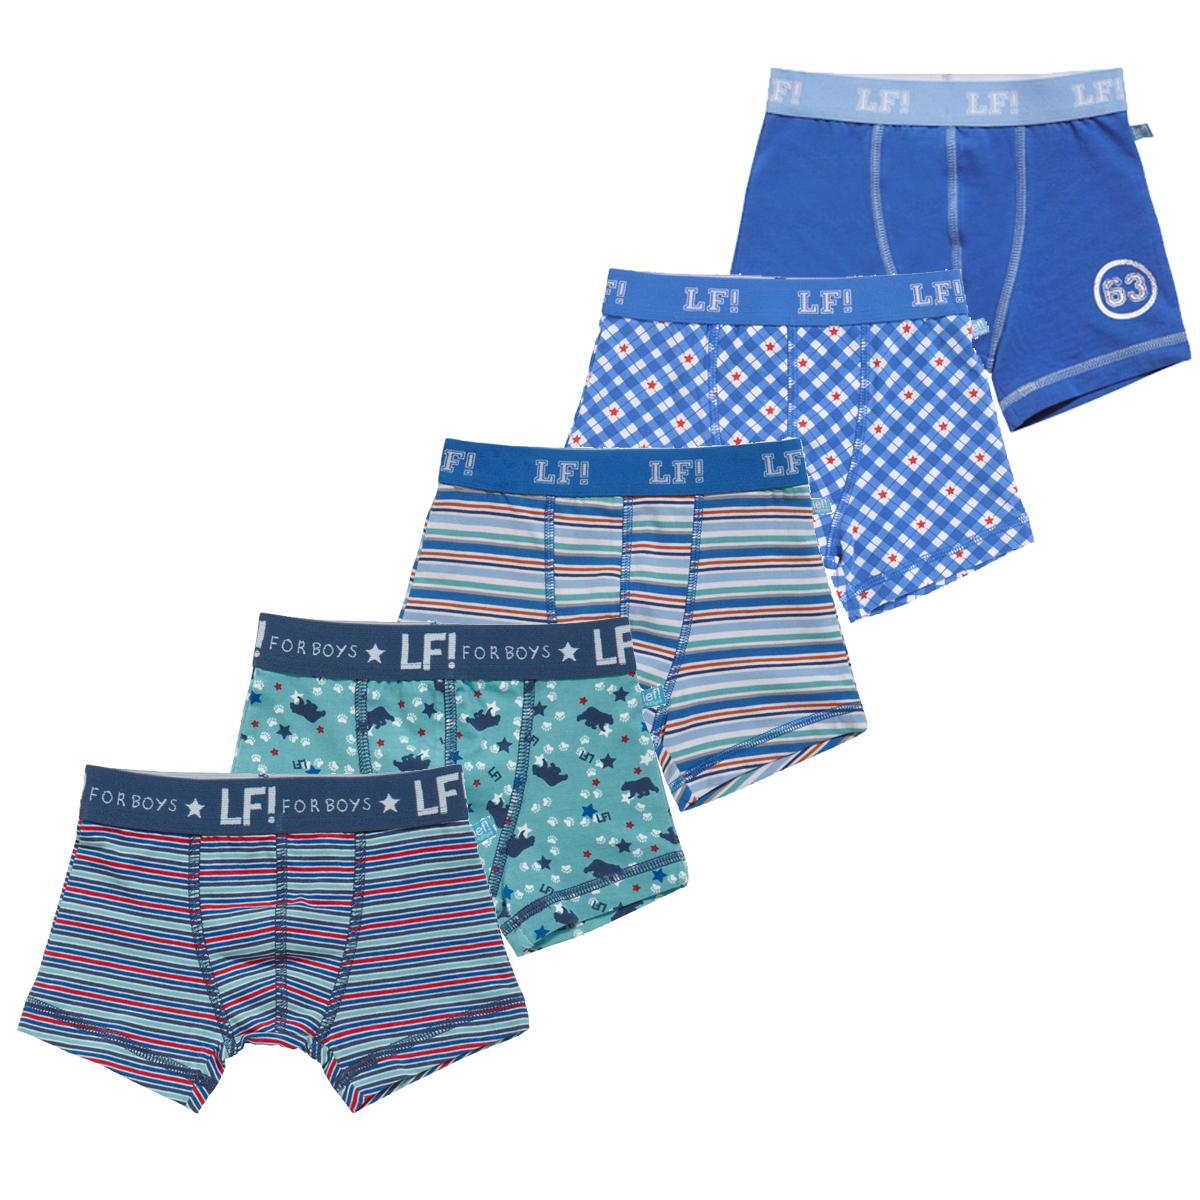 Lief Boys Verrassingspakket shorts 1-pack